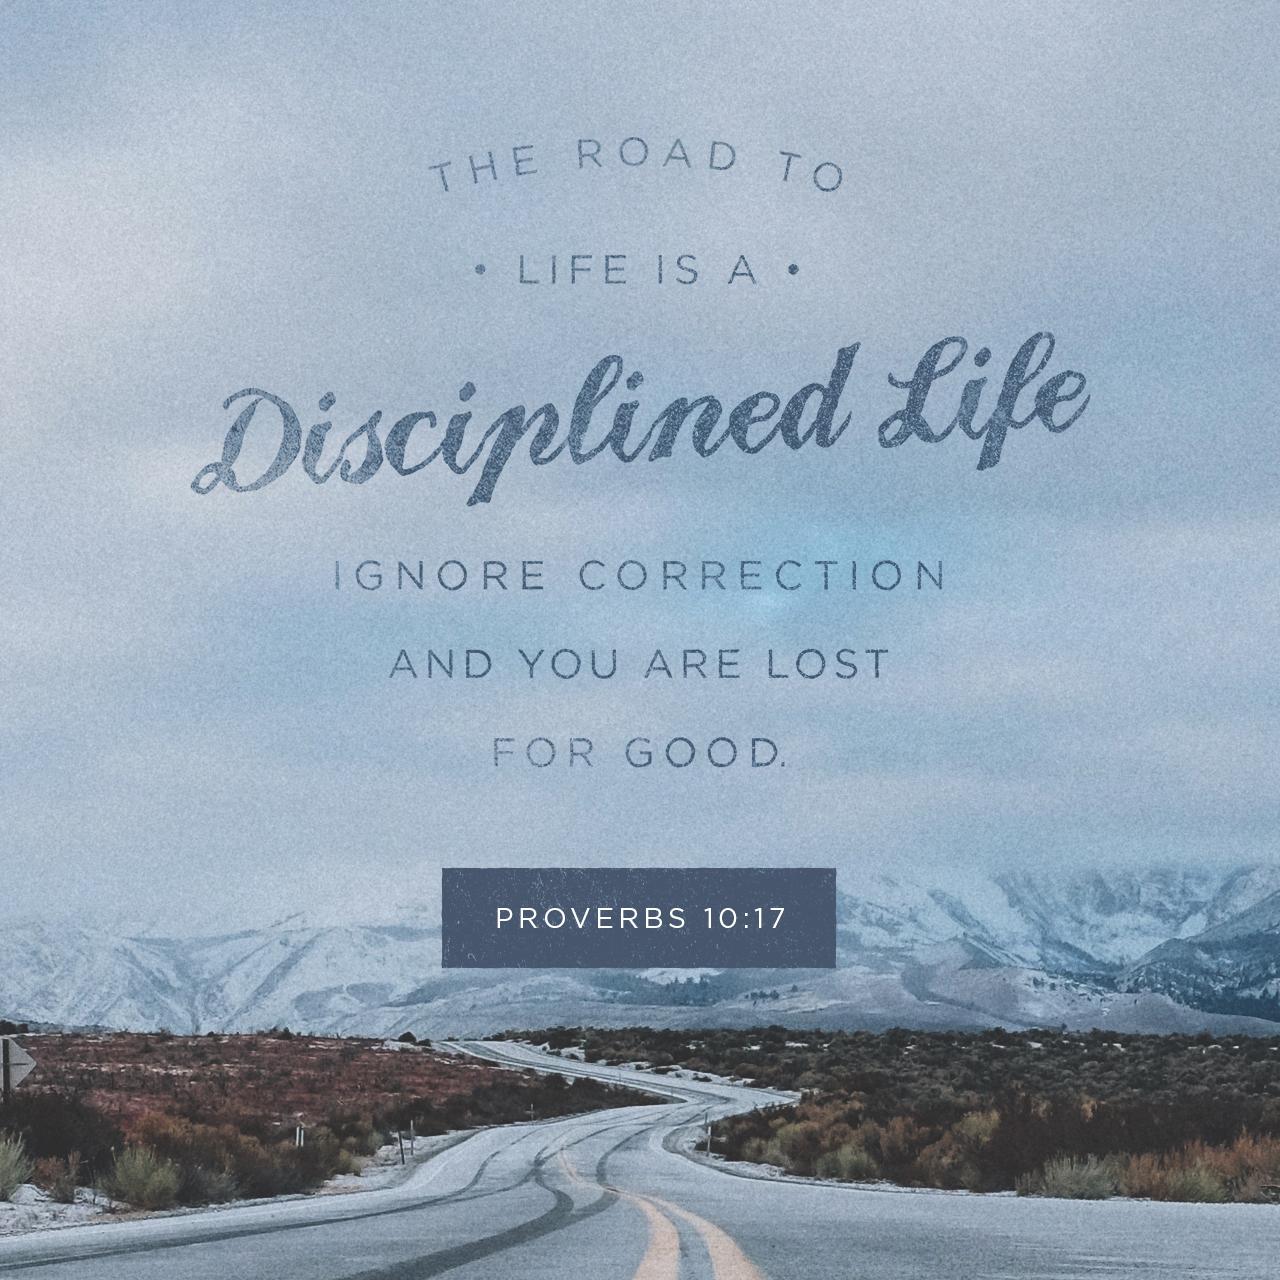 Proverbs 10:17 (JPG)